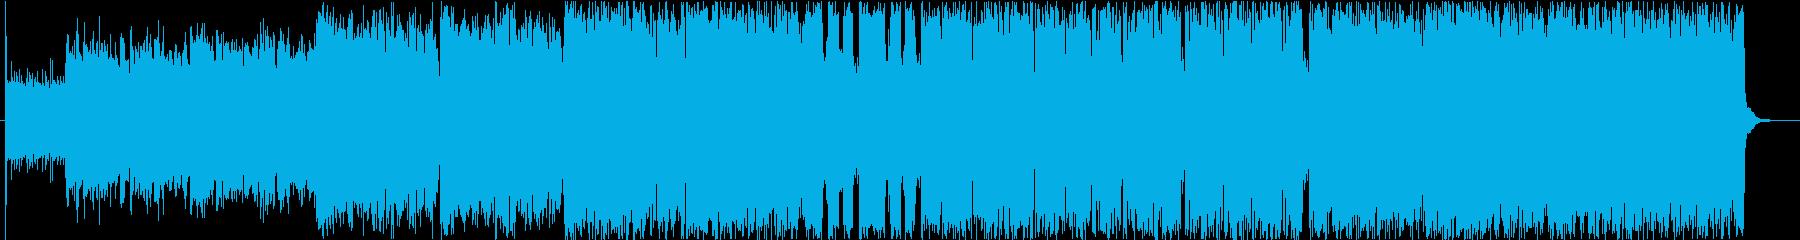 ケルト音楽 冒険の出発を連想させます。の再生済みの波形